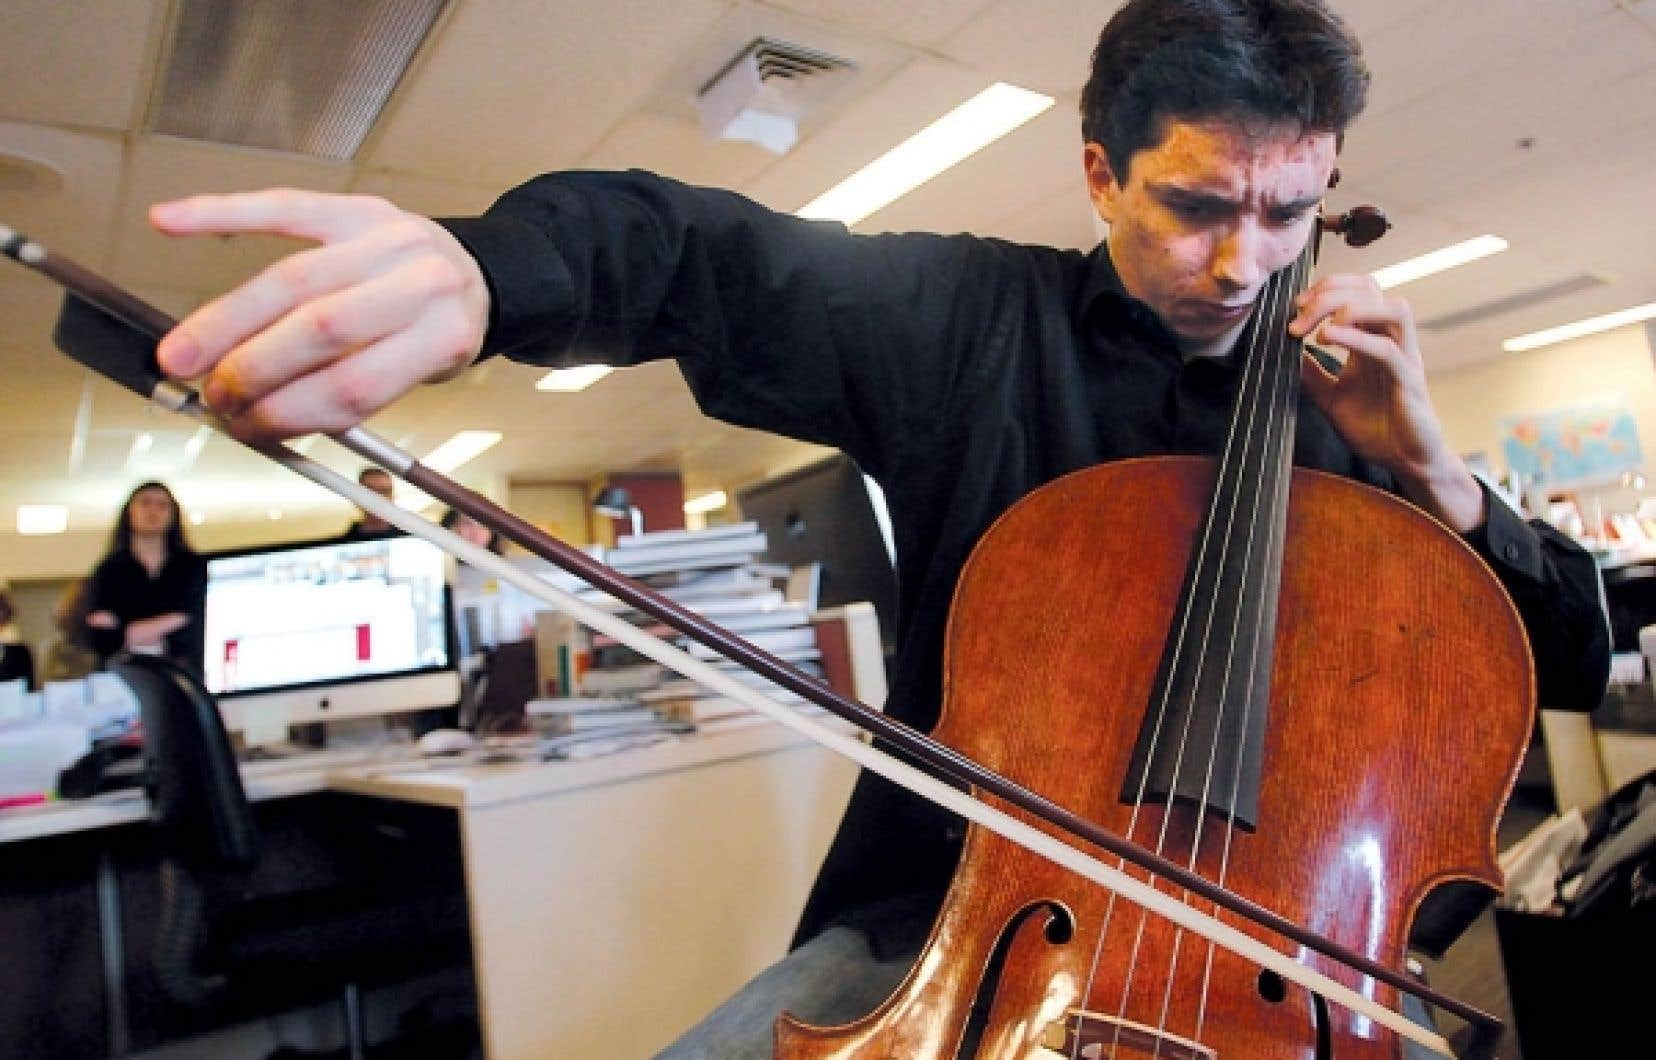 Les employés du Devoir ont été parmi les tout premiers à entendre, hier, Stéphane Tétreault et le Stradivarius qu'il possède depuis seulement une semaine. Se prêtant à un concert impromptu, il a interprété, sur cet instrument qui a appartenu jadis à Paganini, deux extraits de la 1reSuite de Bach et la Méditation de Thaïs de Massenet.<br />